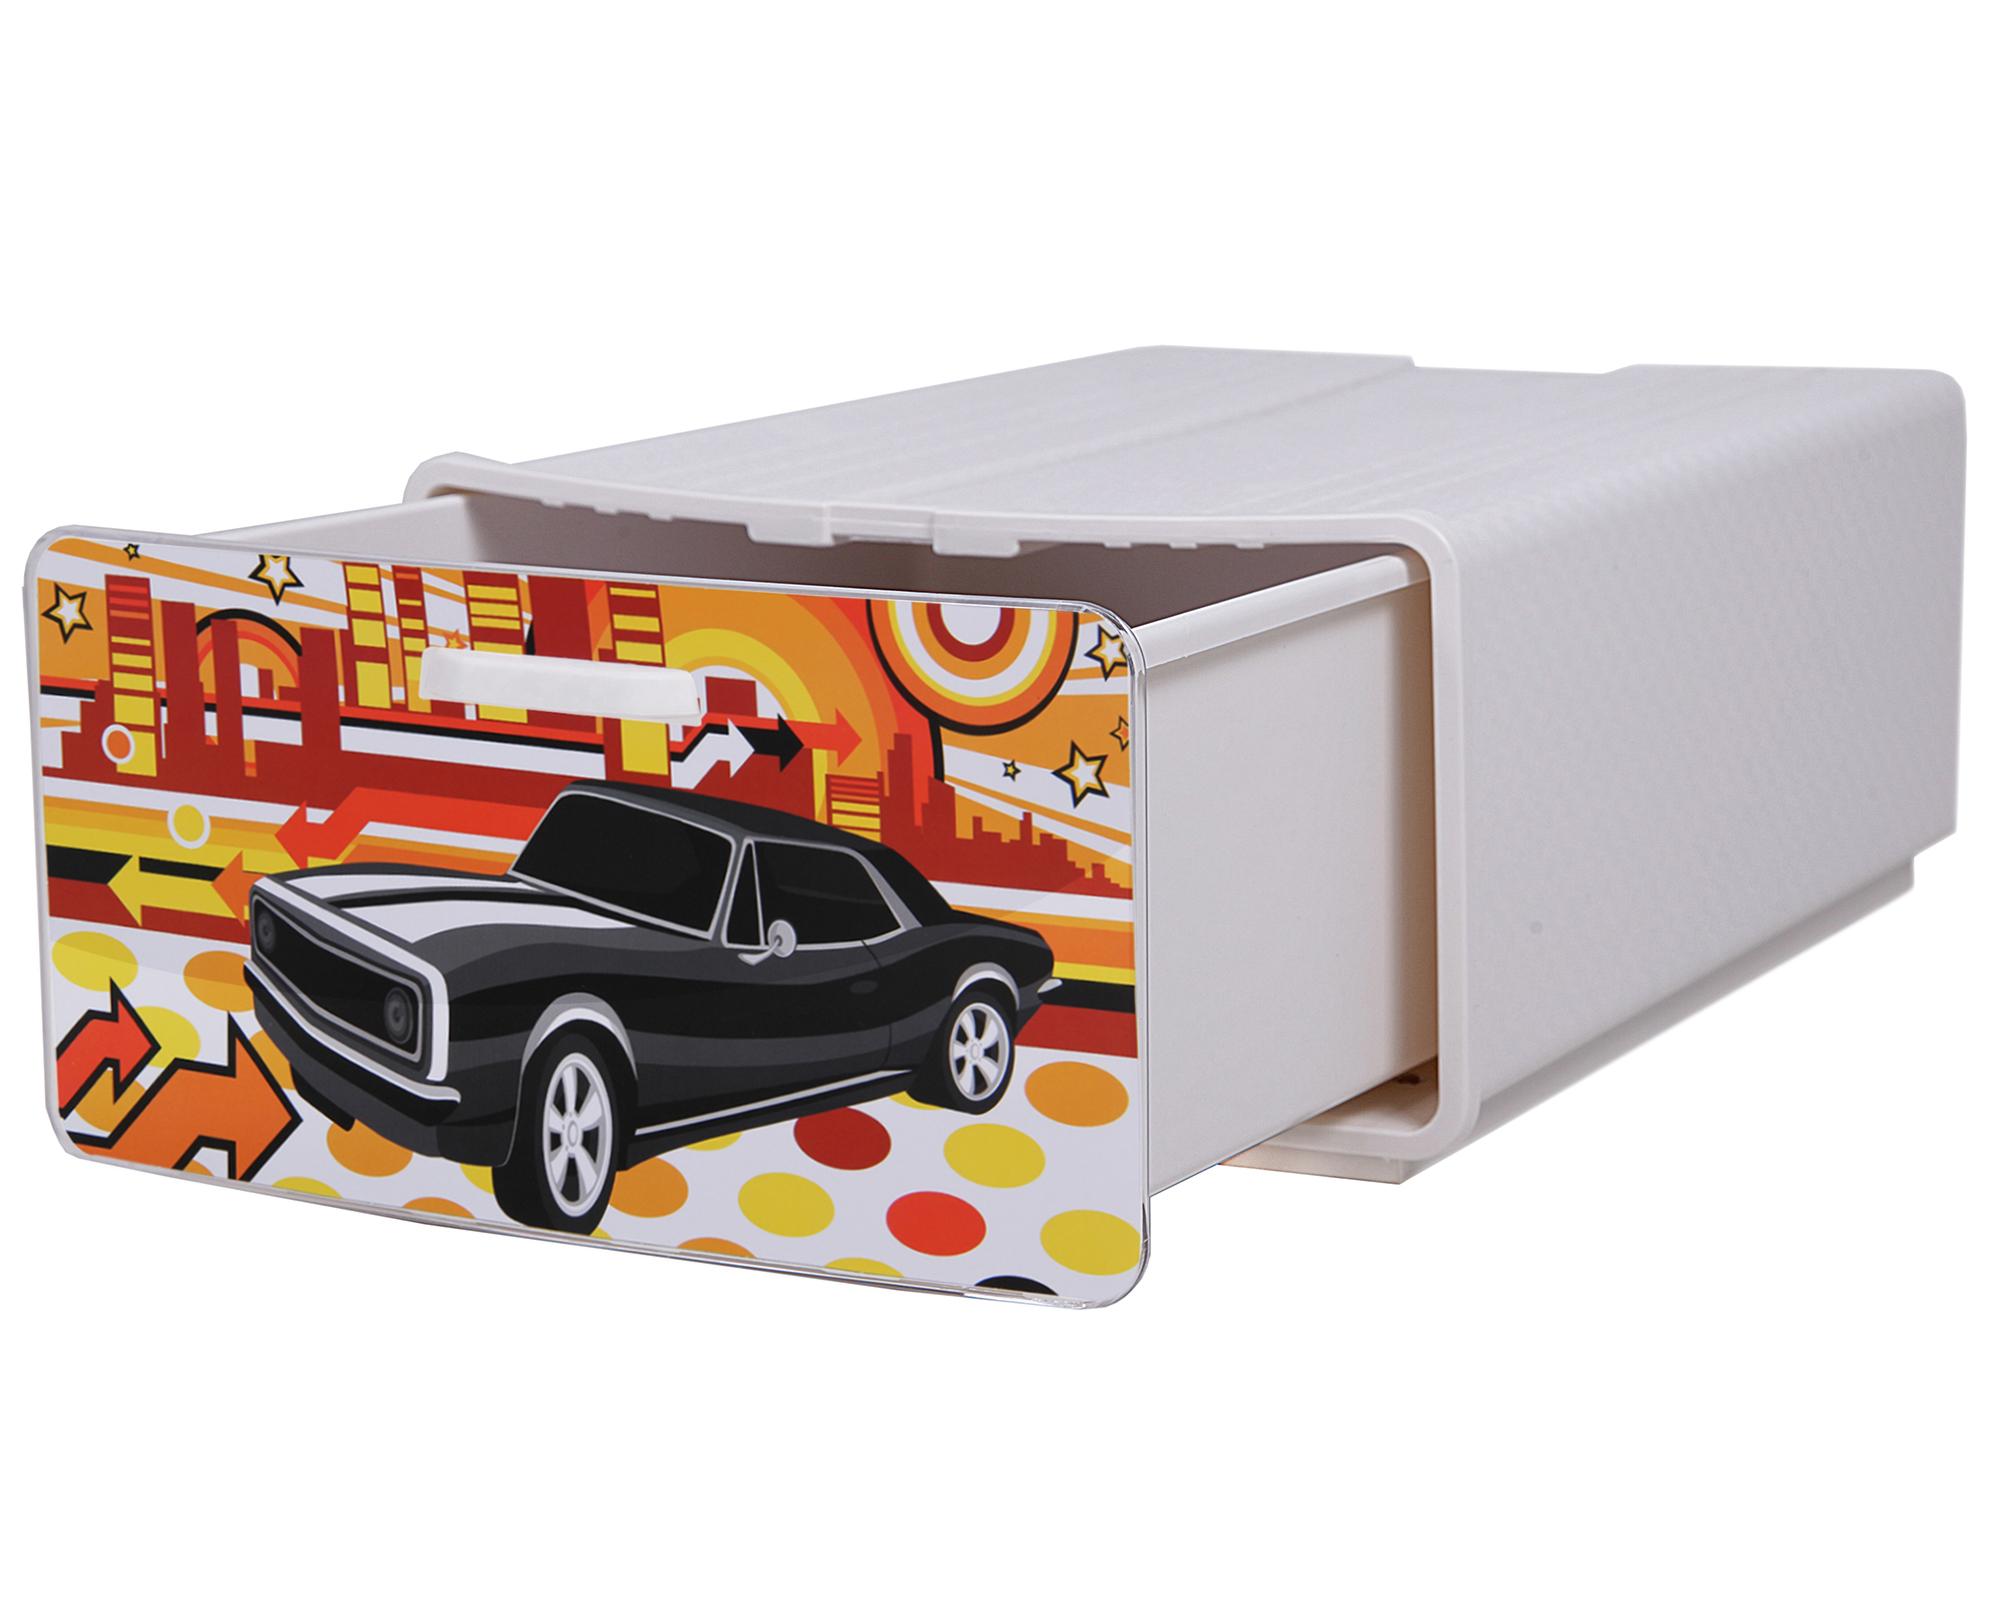 ondis24 boxy schwarzes auto g nstig online kaufen. Black Bedroom Furniture Sets. Home Design Ideas